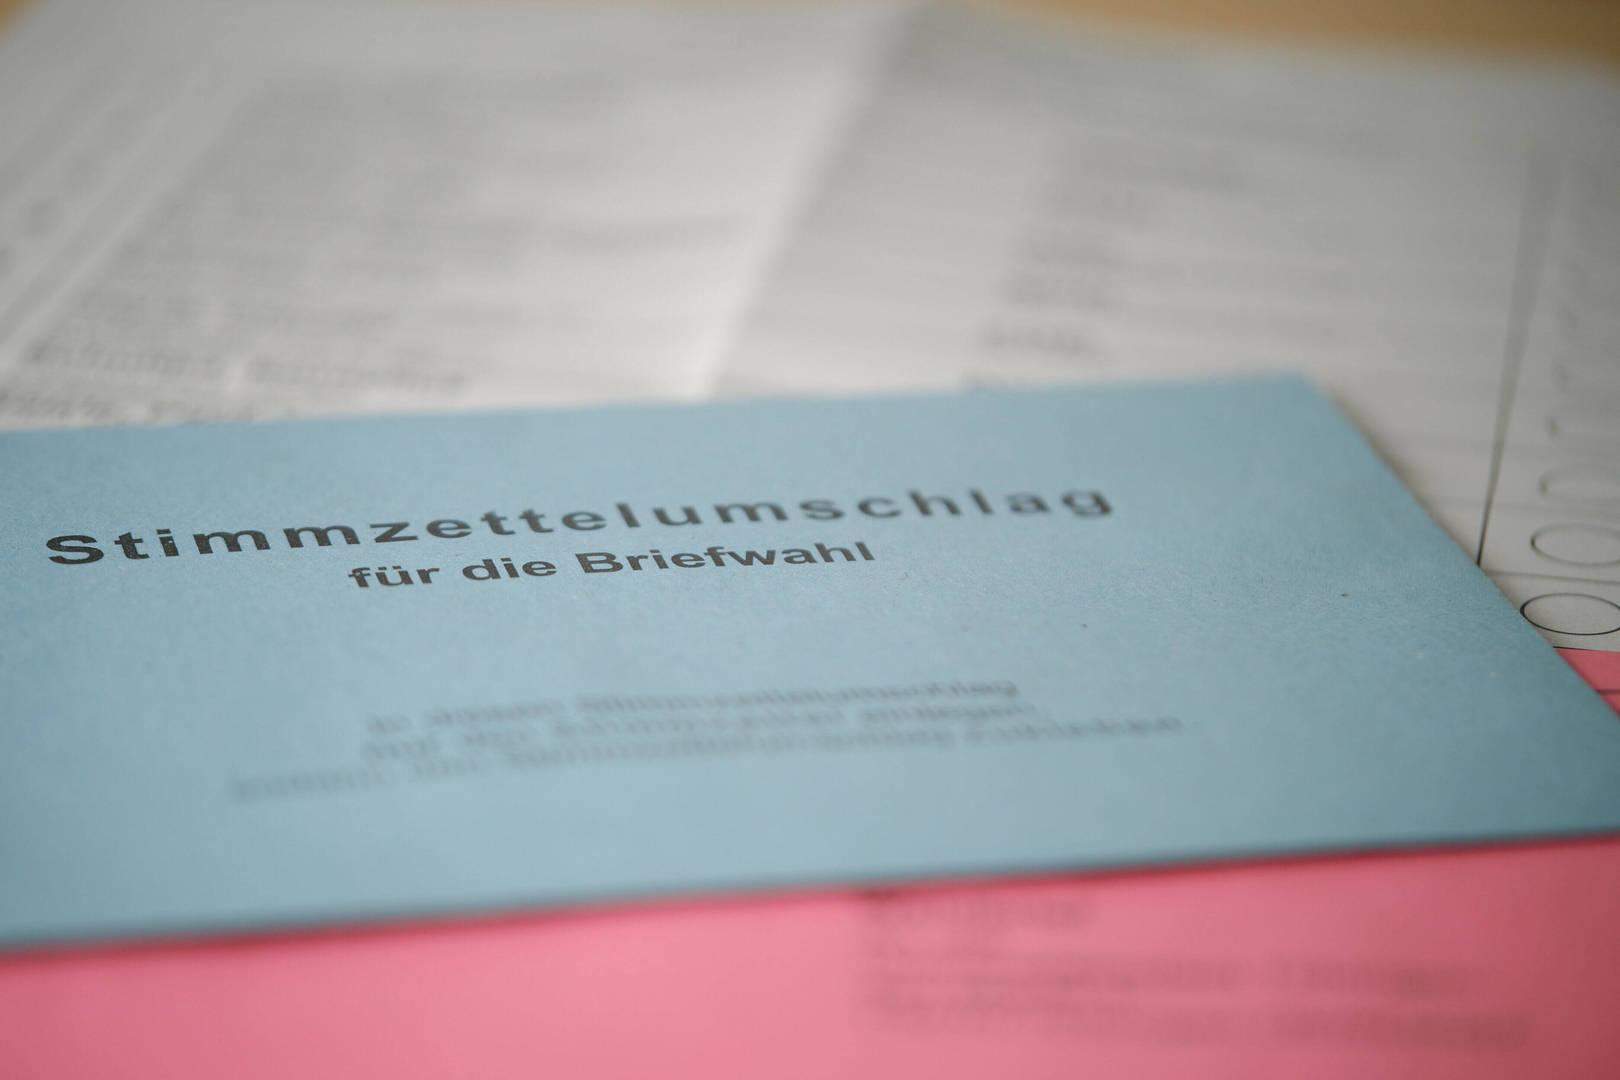 Landeswahlleiter Rheinland Pfalz